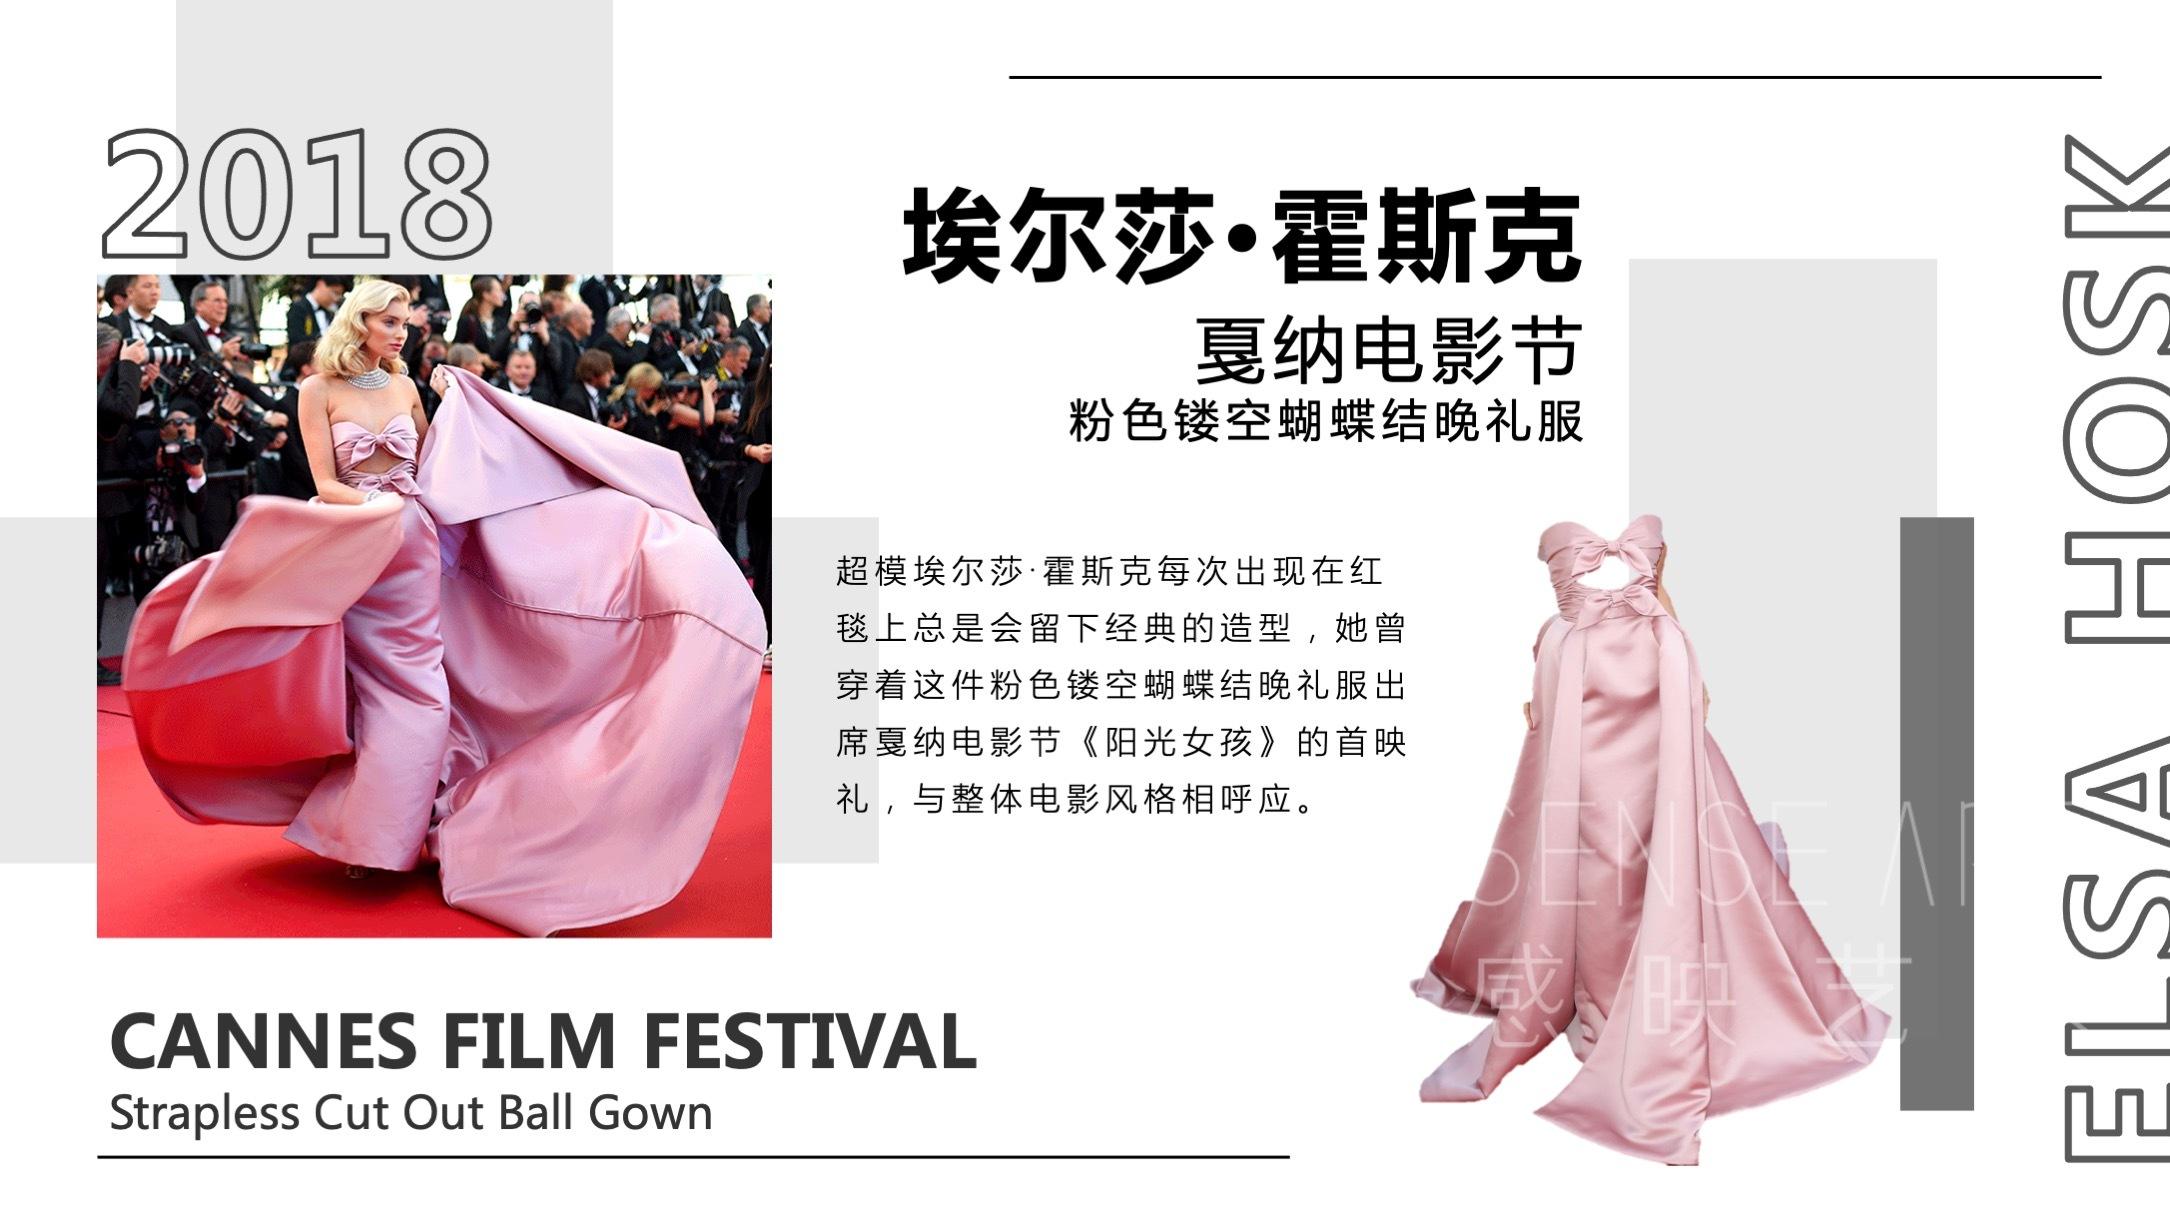 【星光奥斯卡】国际明星同款红毯礼裙时尚艺术臻品收藏展